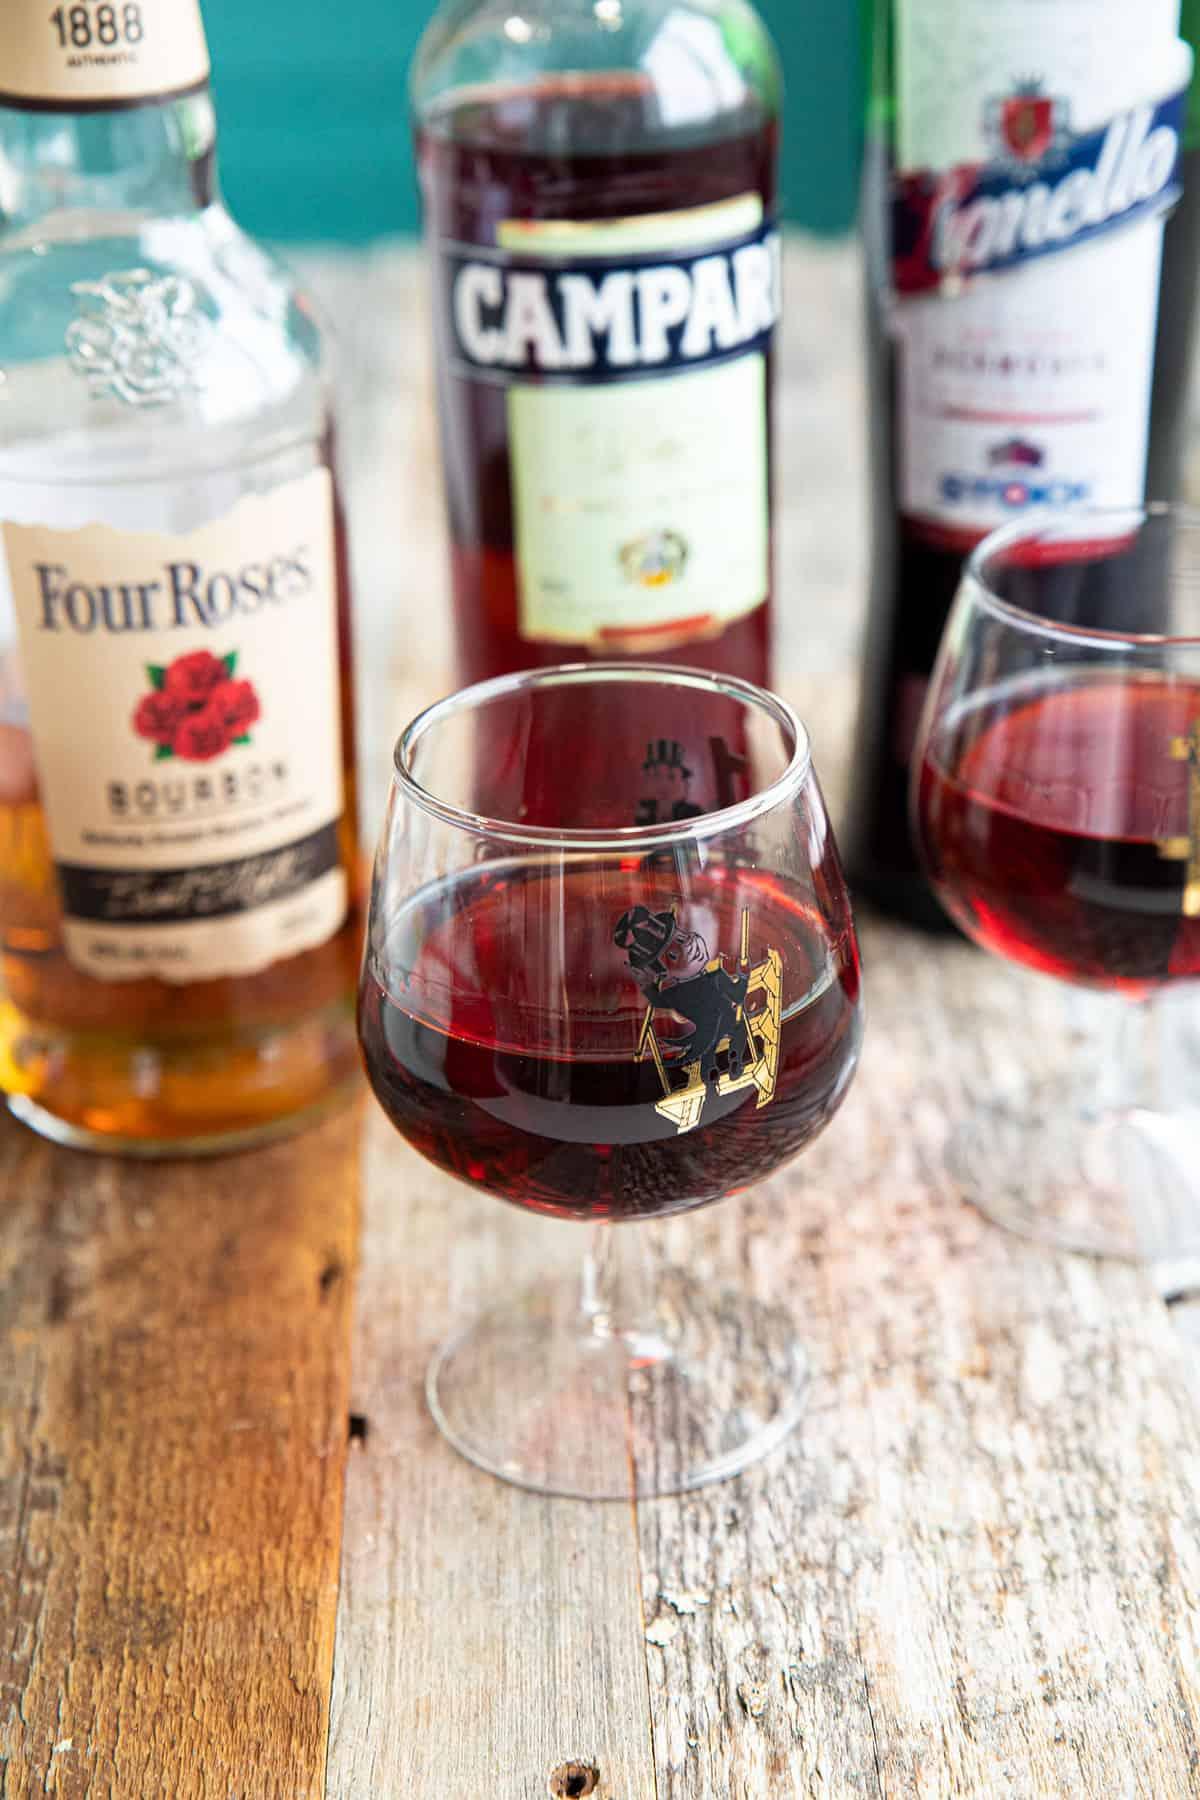 Boulevardier in a brandy glass.